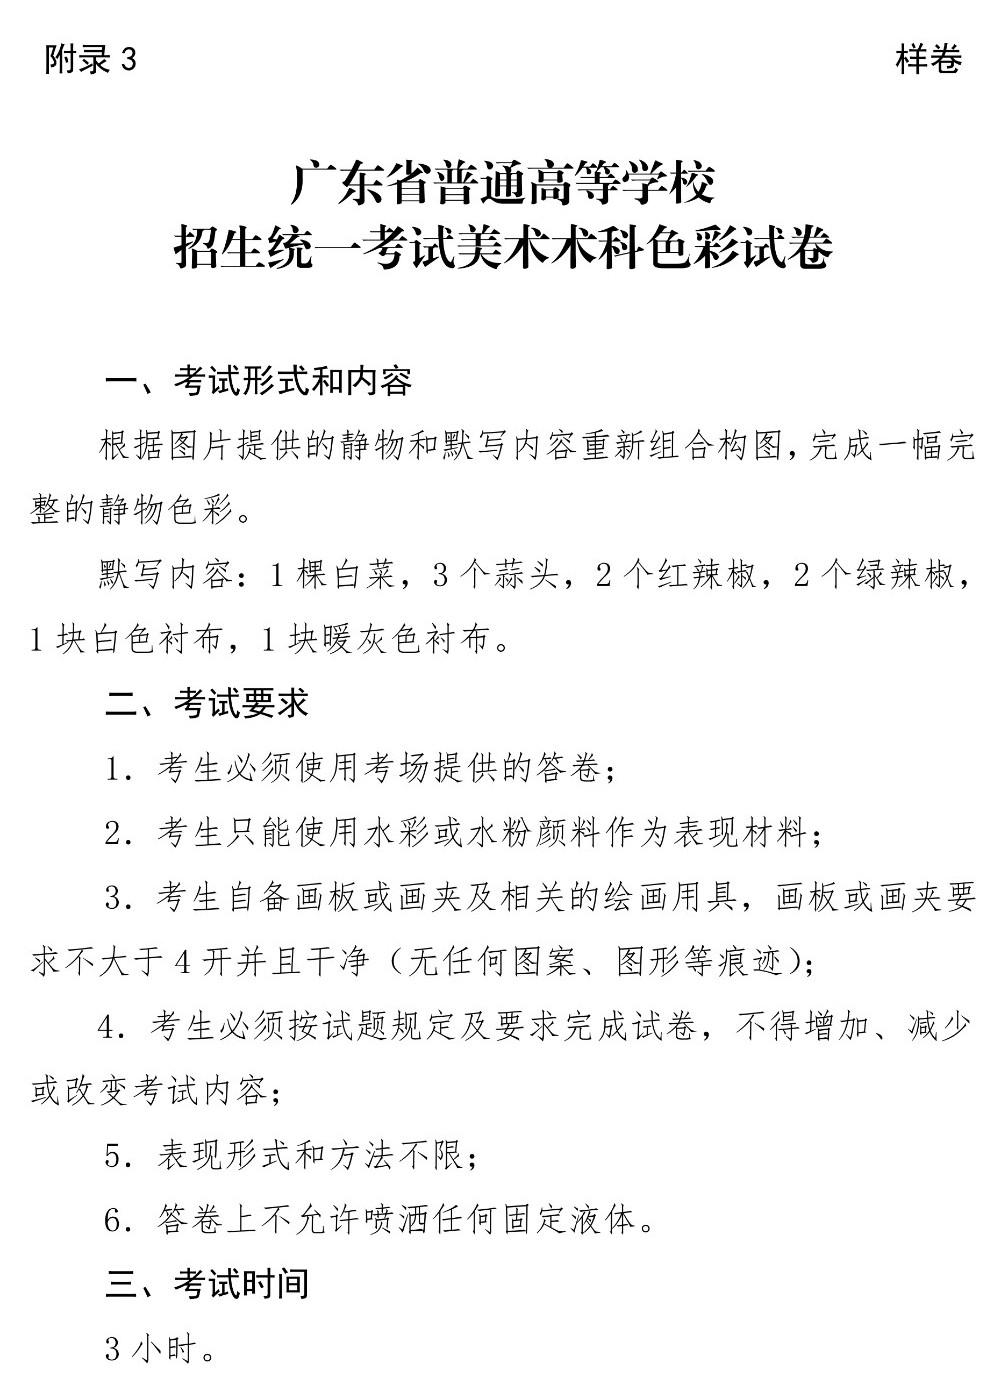 【最新发布】广东省2020年普通高等学校招生统一考试美术术科考试说明